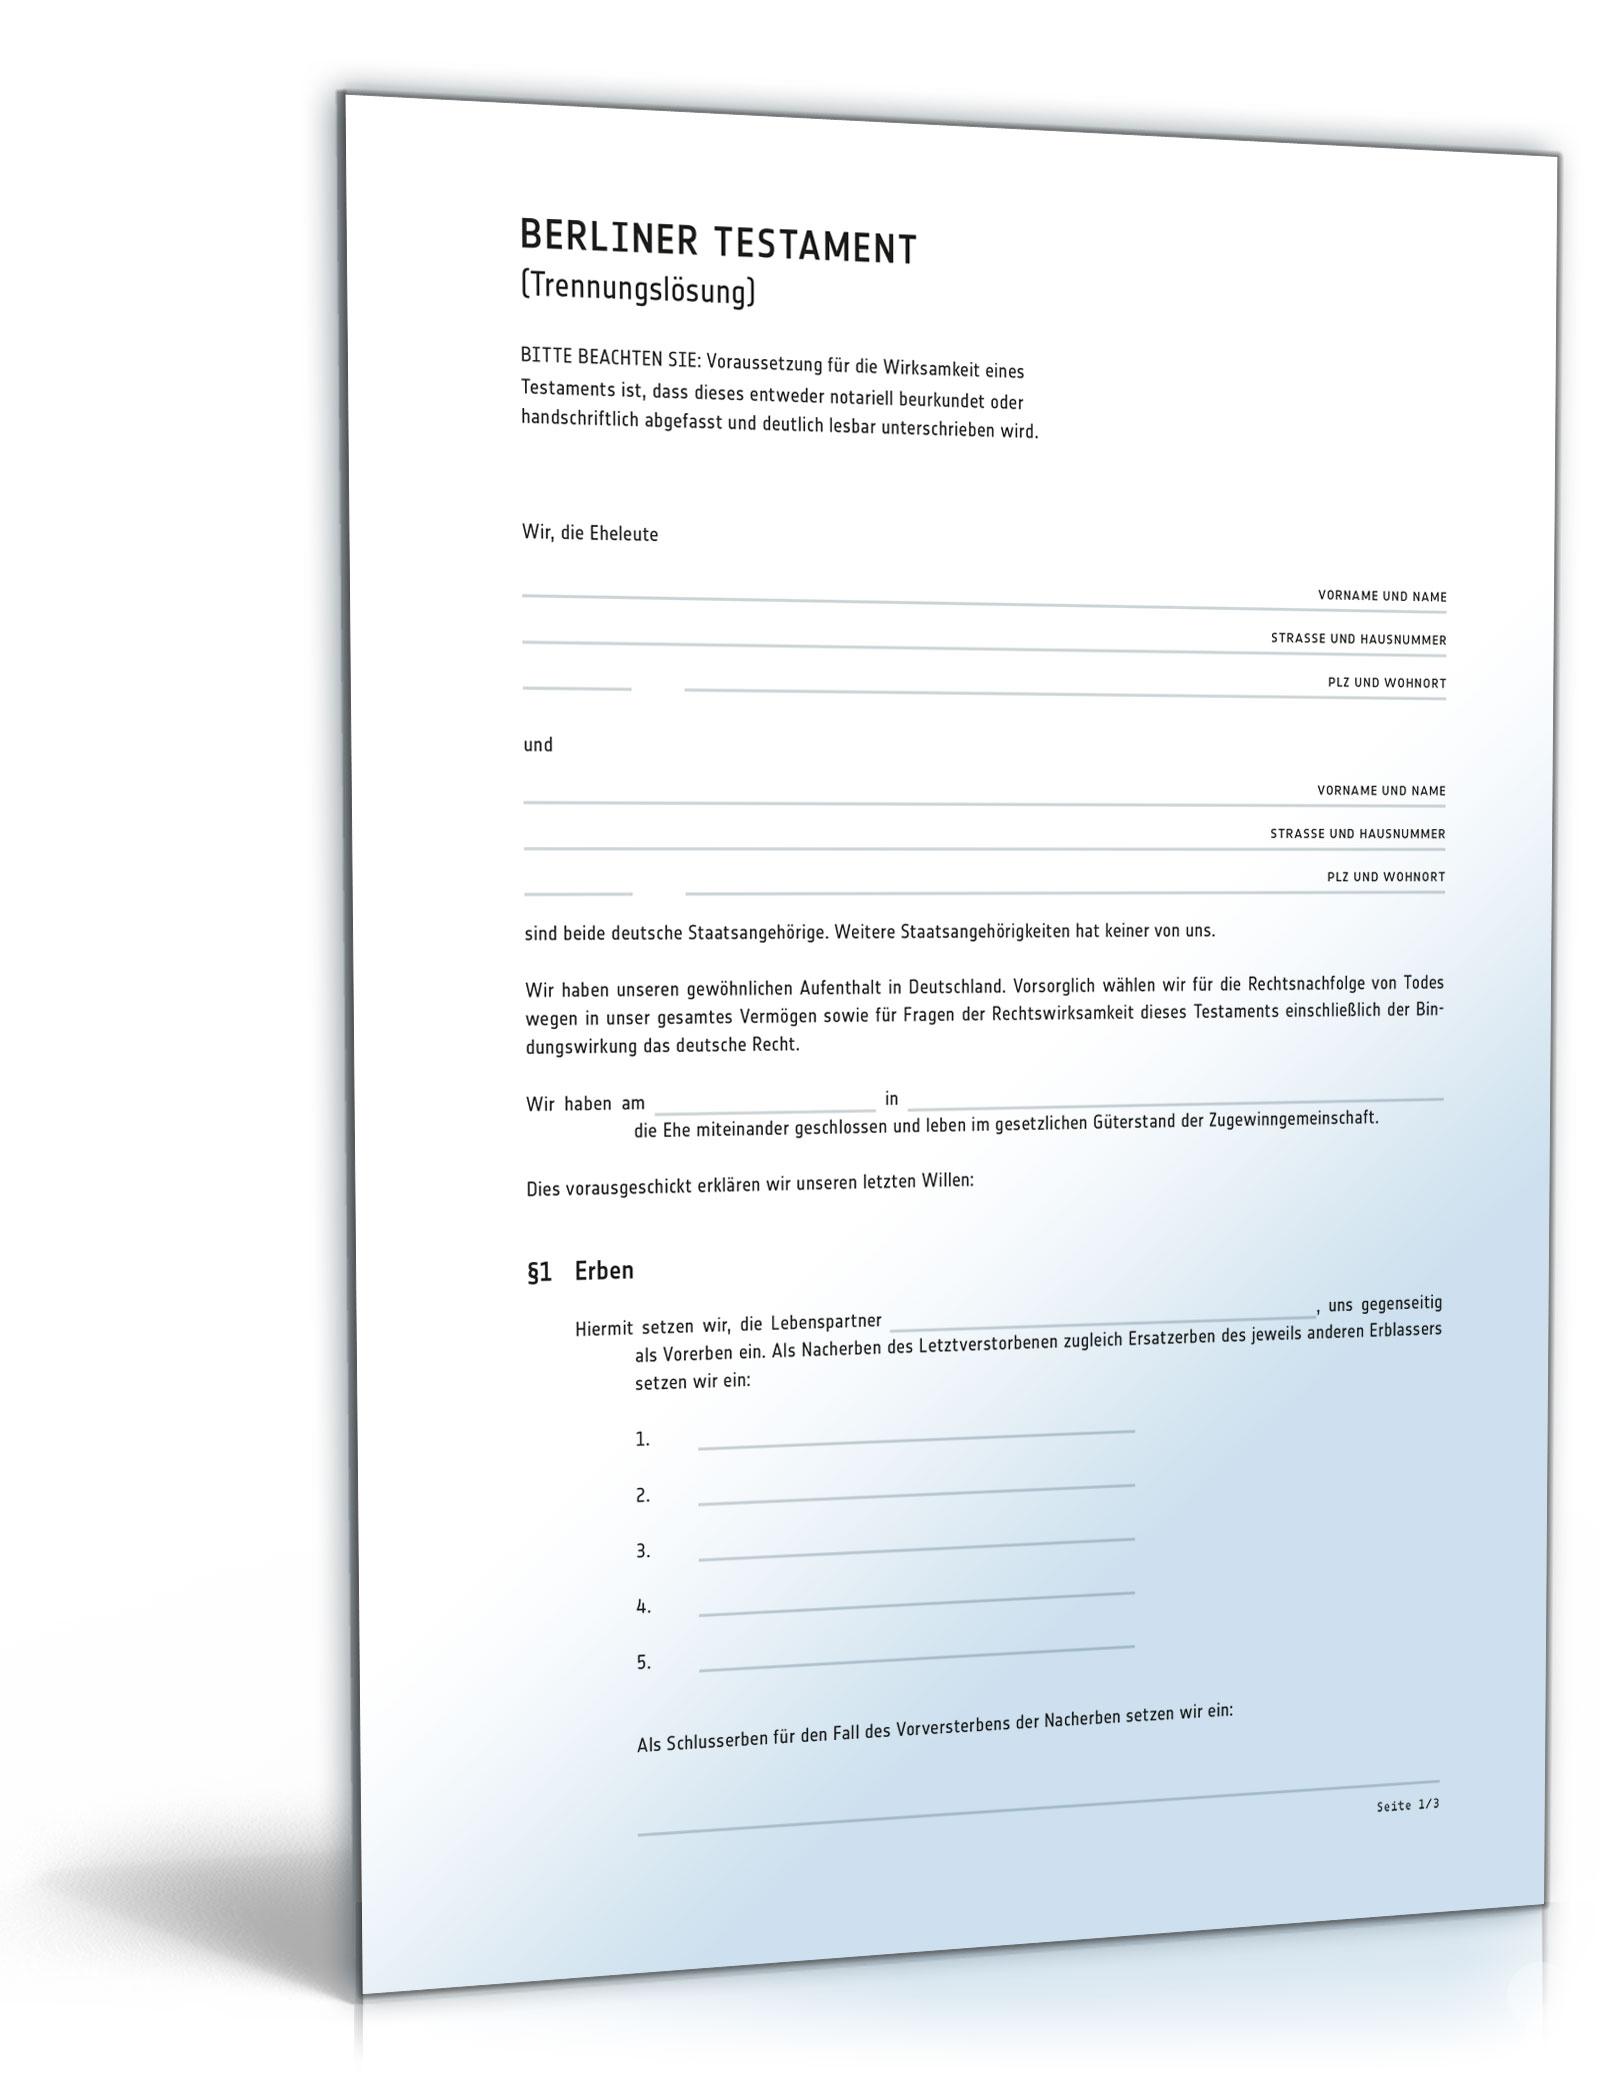 Berliner Testament (Trennungslösung)